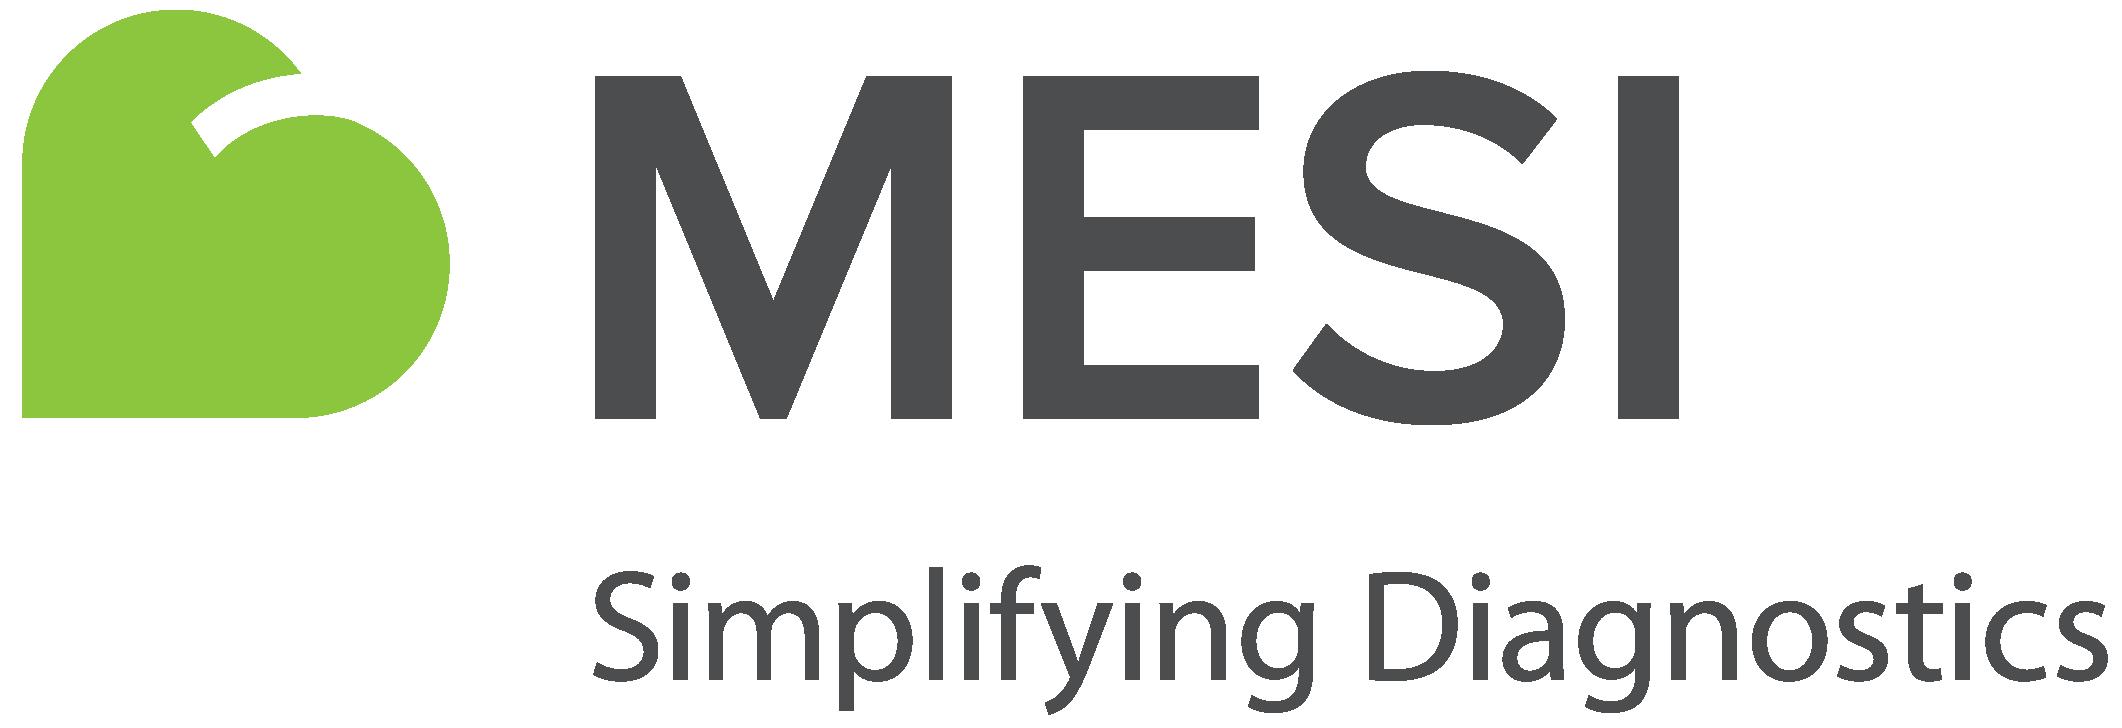 MESI_logo_barvni2-01.png